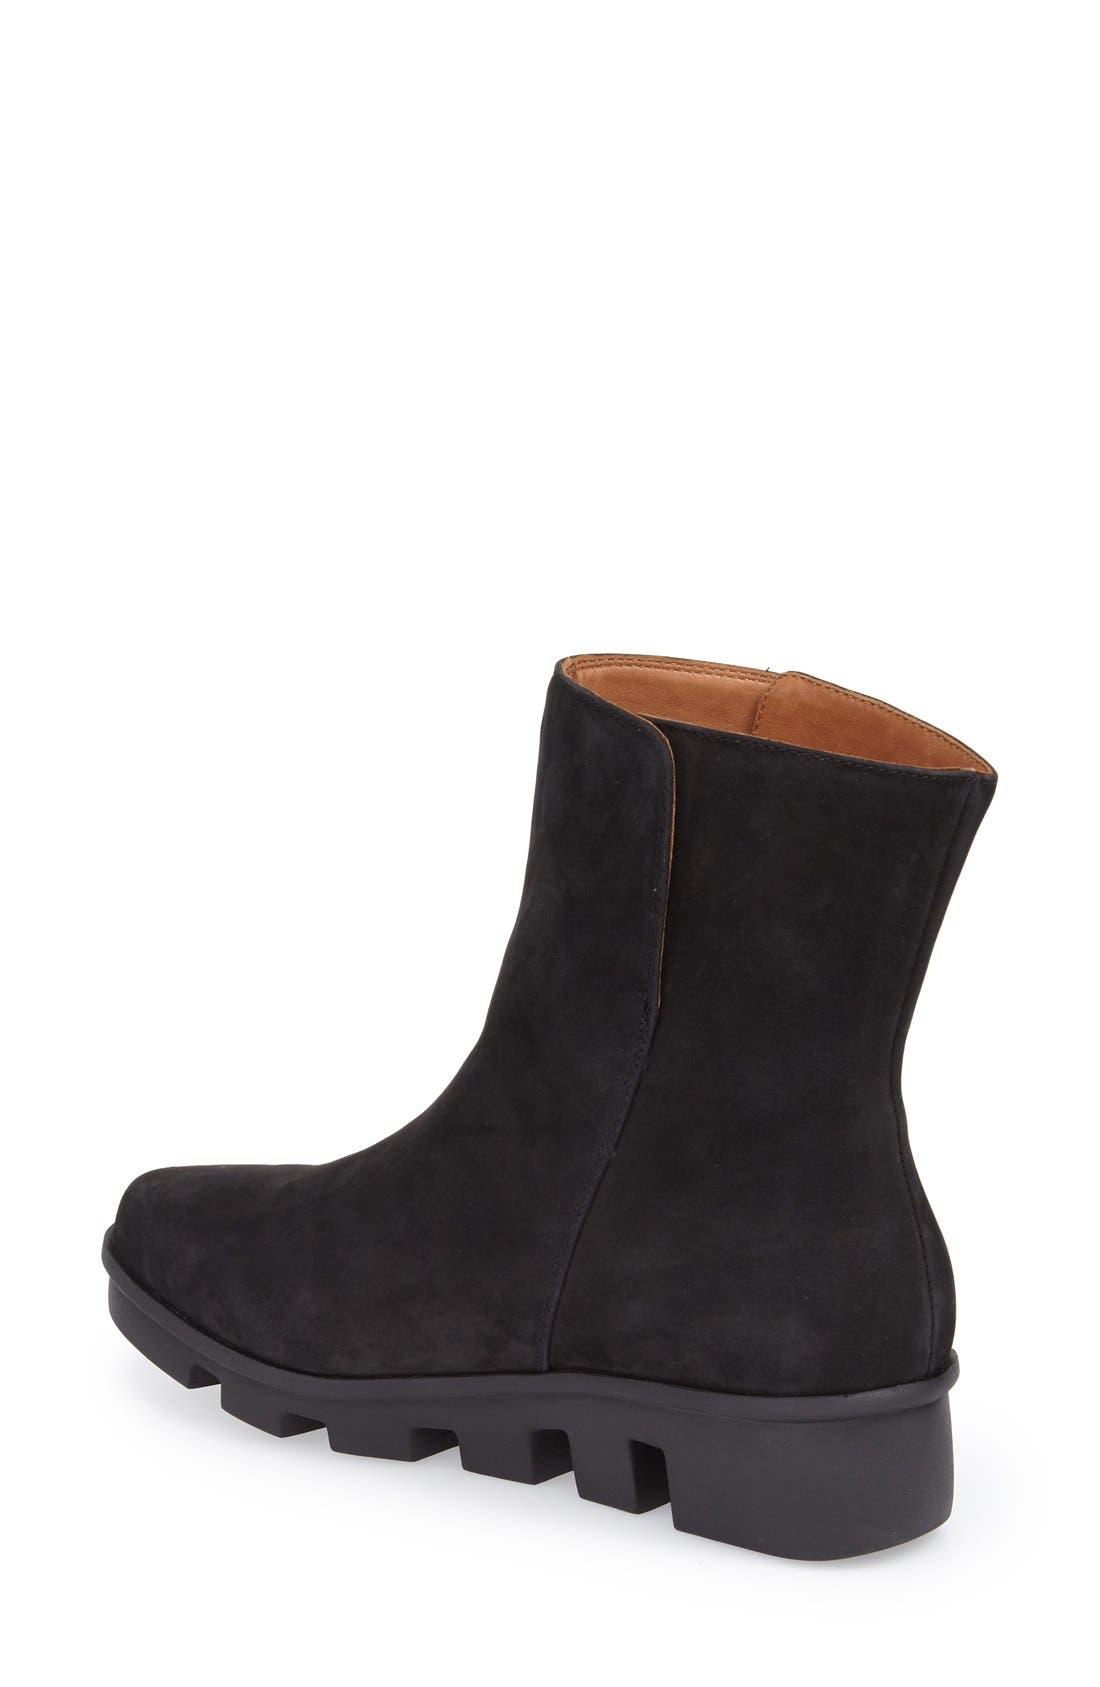 Alternate Image 2  - L'Amour des Pieds 'Harrietta' Boot (Women)